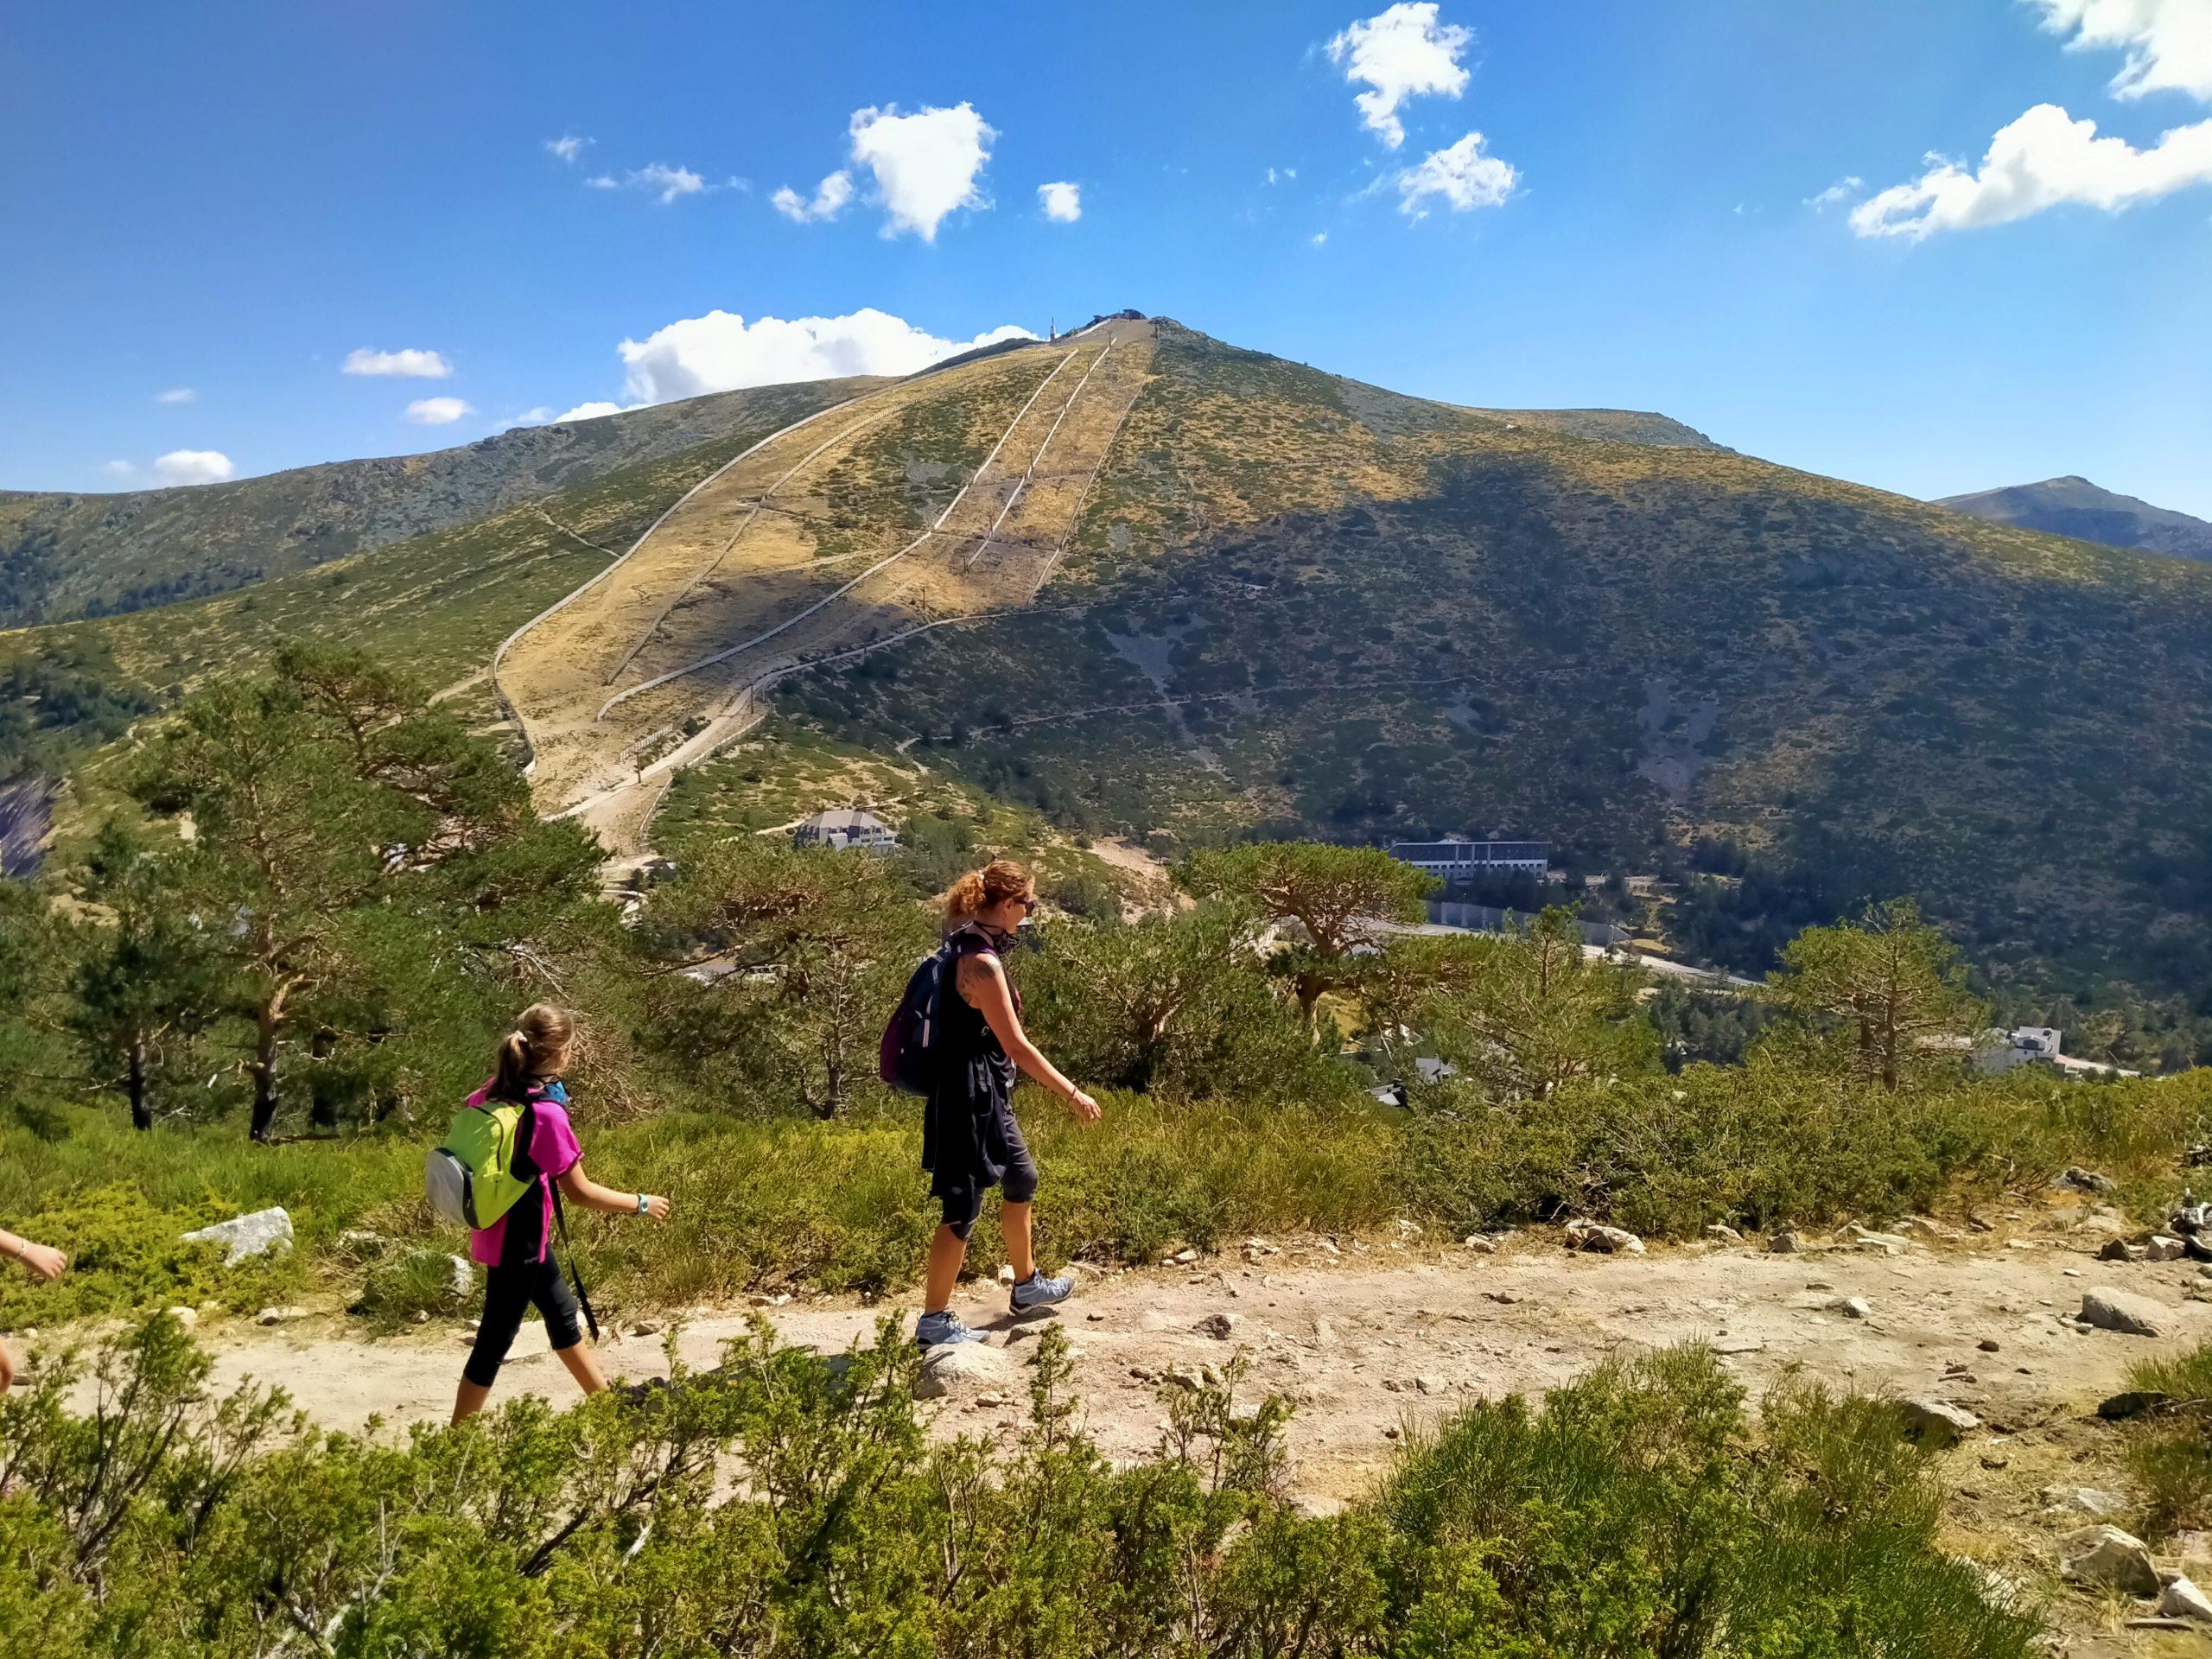 Subida hacia el Siete Picos, Navacerrada